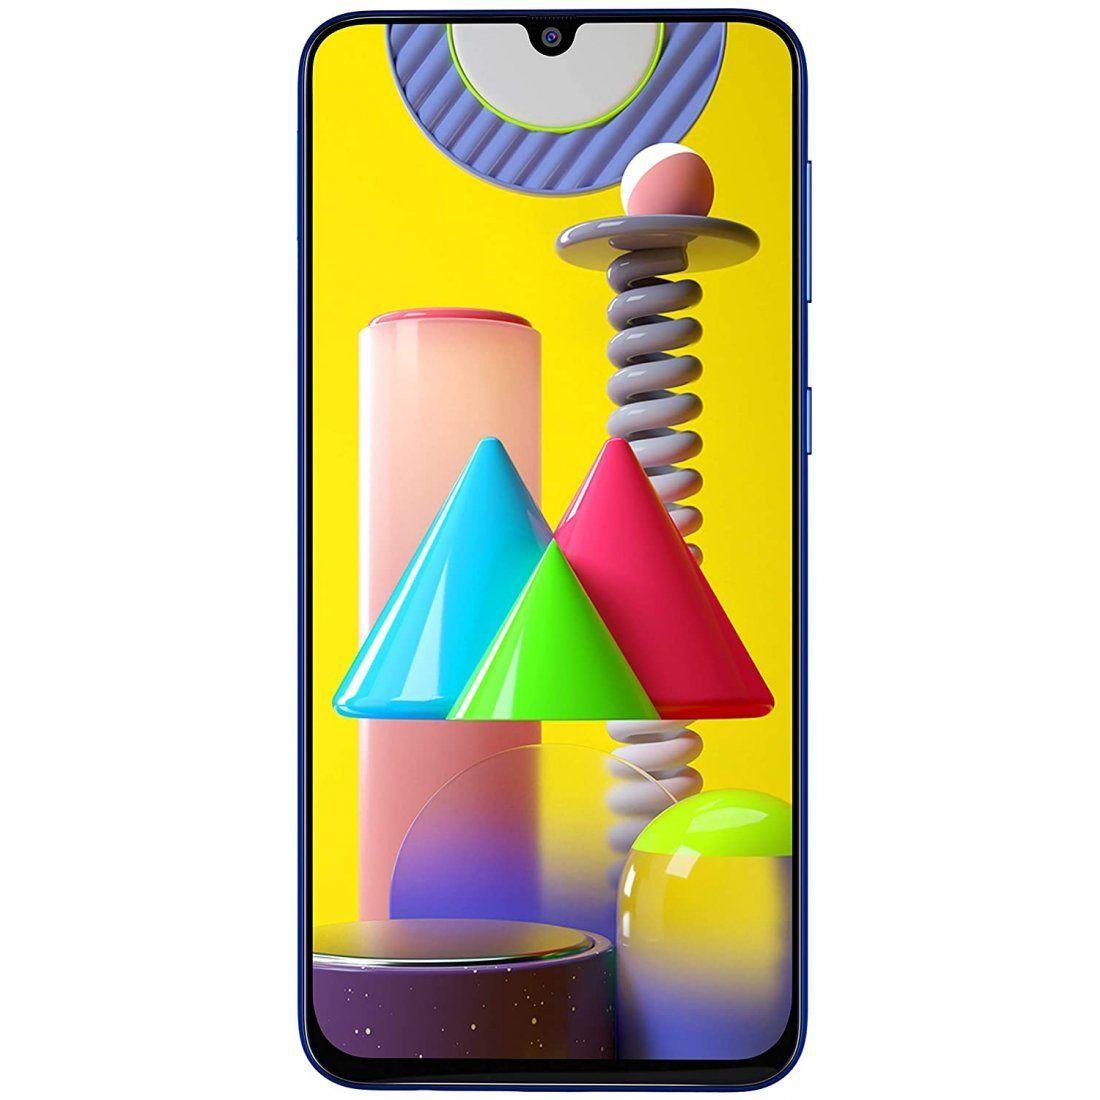 Bigsaledeals In 2020 Wireless Earphones Samsung Galaxy Buy Cell Phones Online